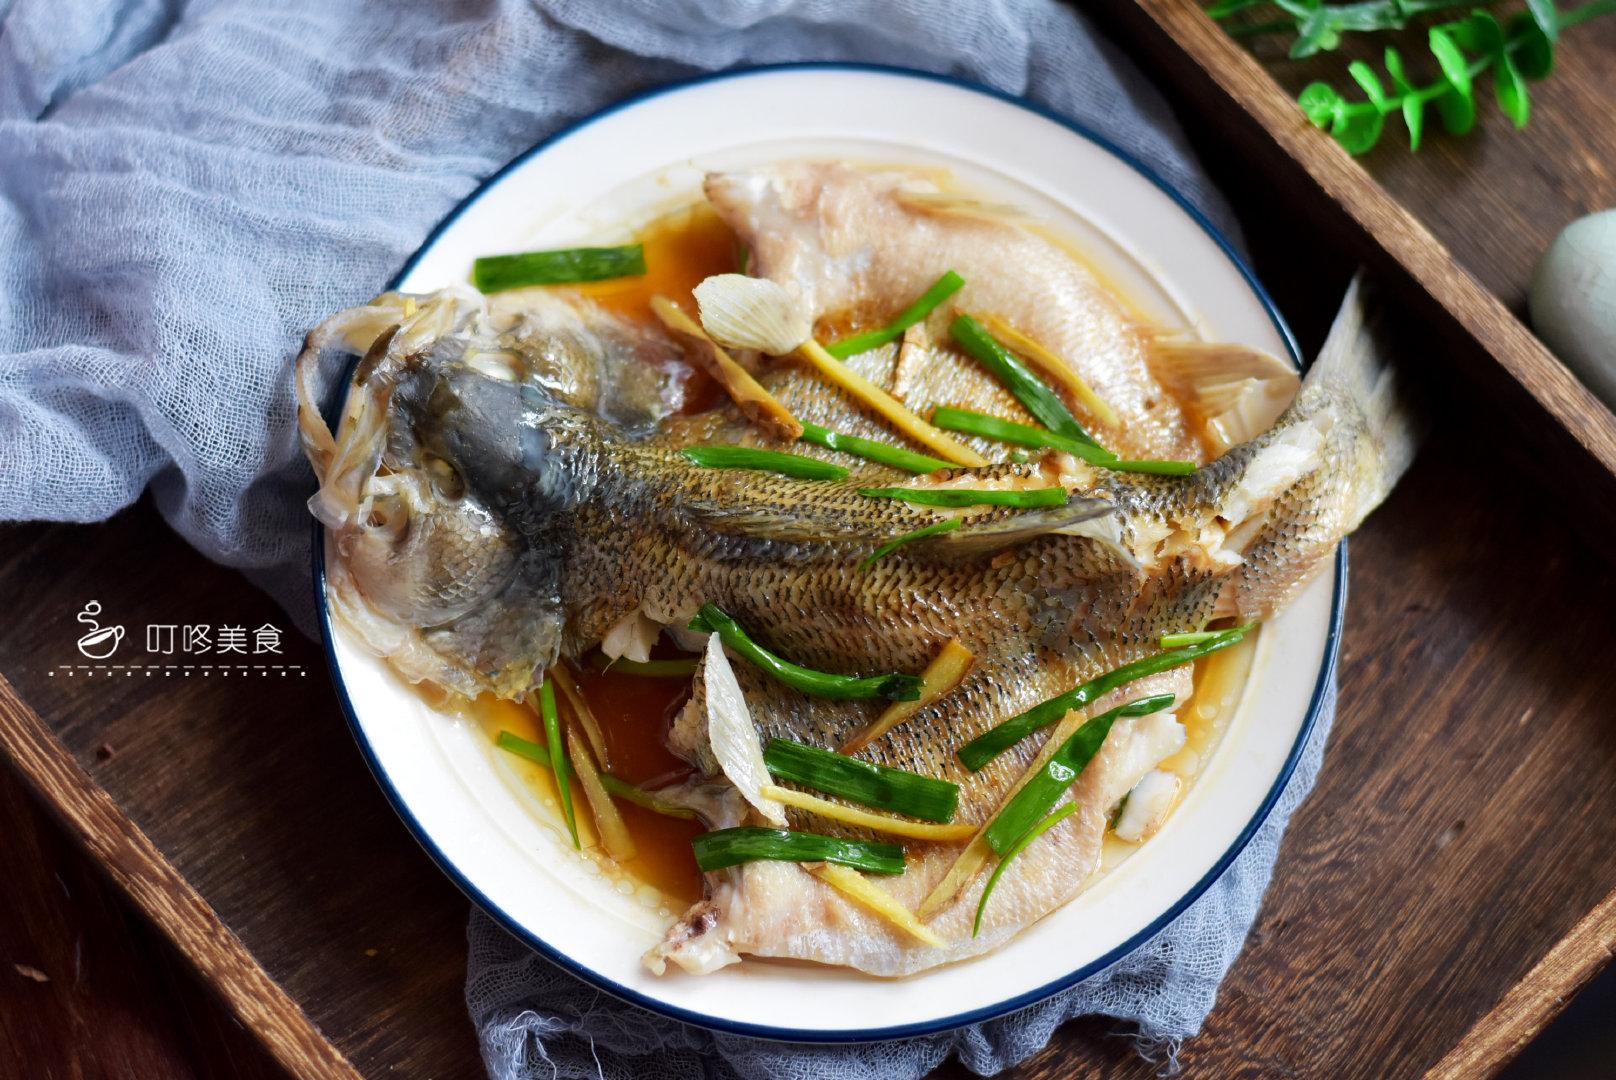 这才是清蒸鲈鱼最好吃的做法,记住这3步,蒸出来又鲜又嫩滑